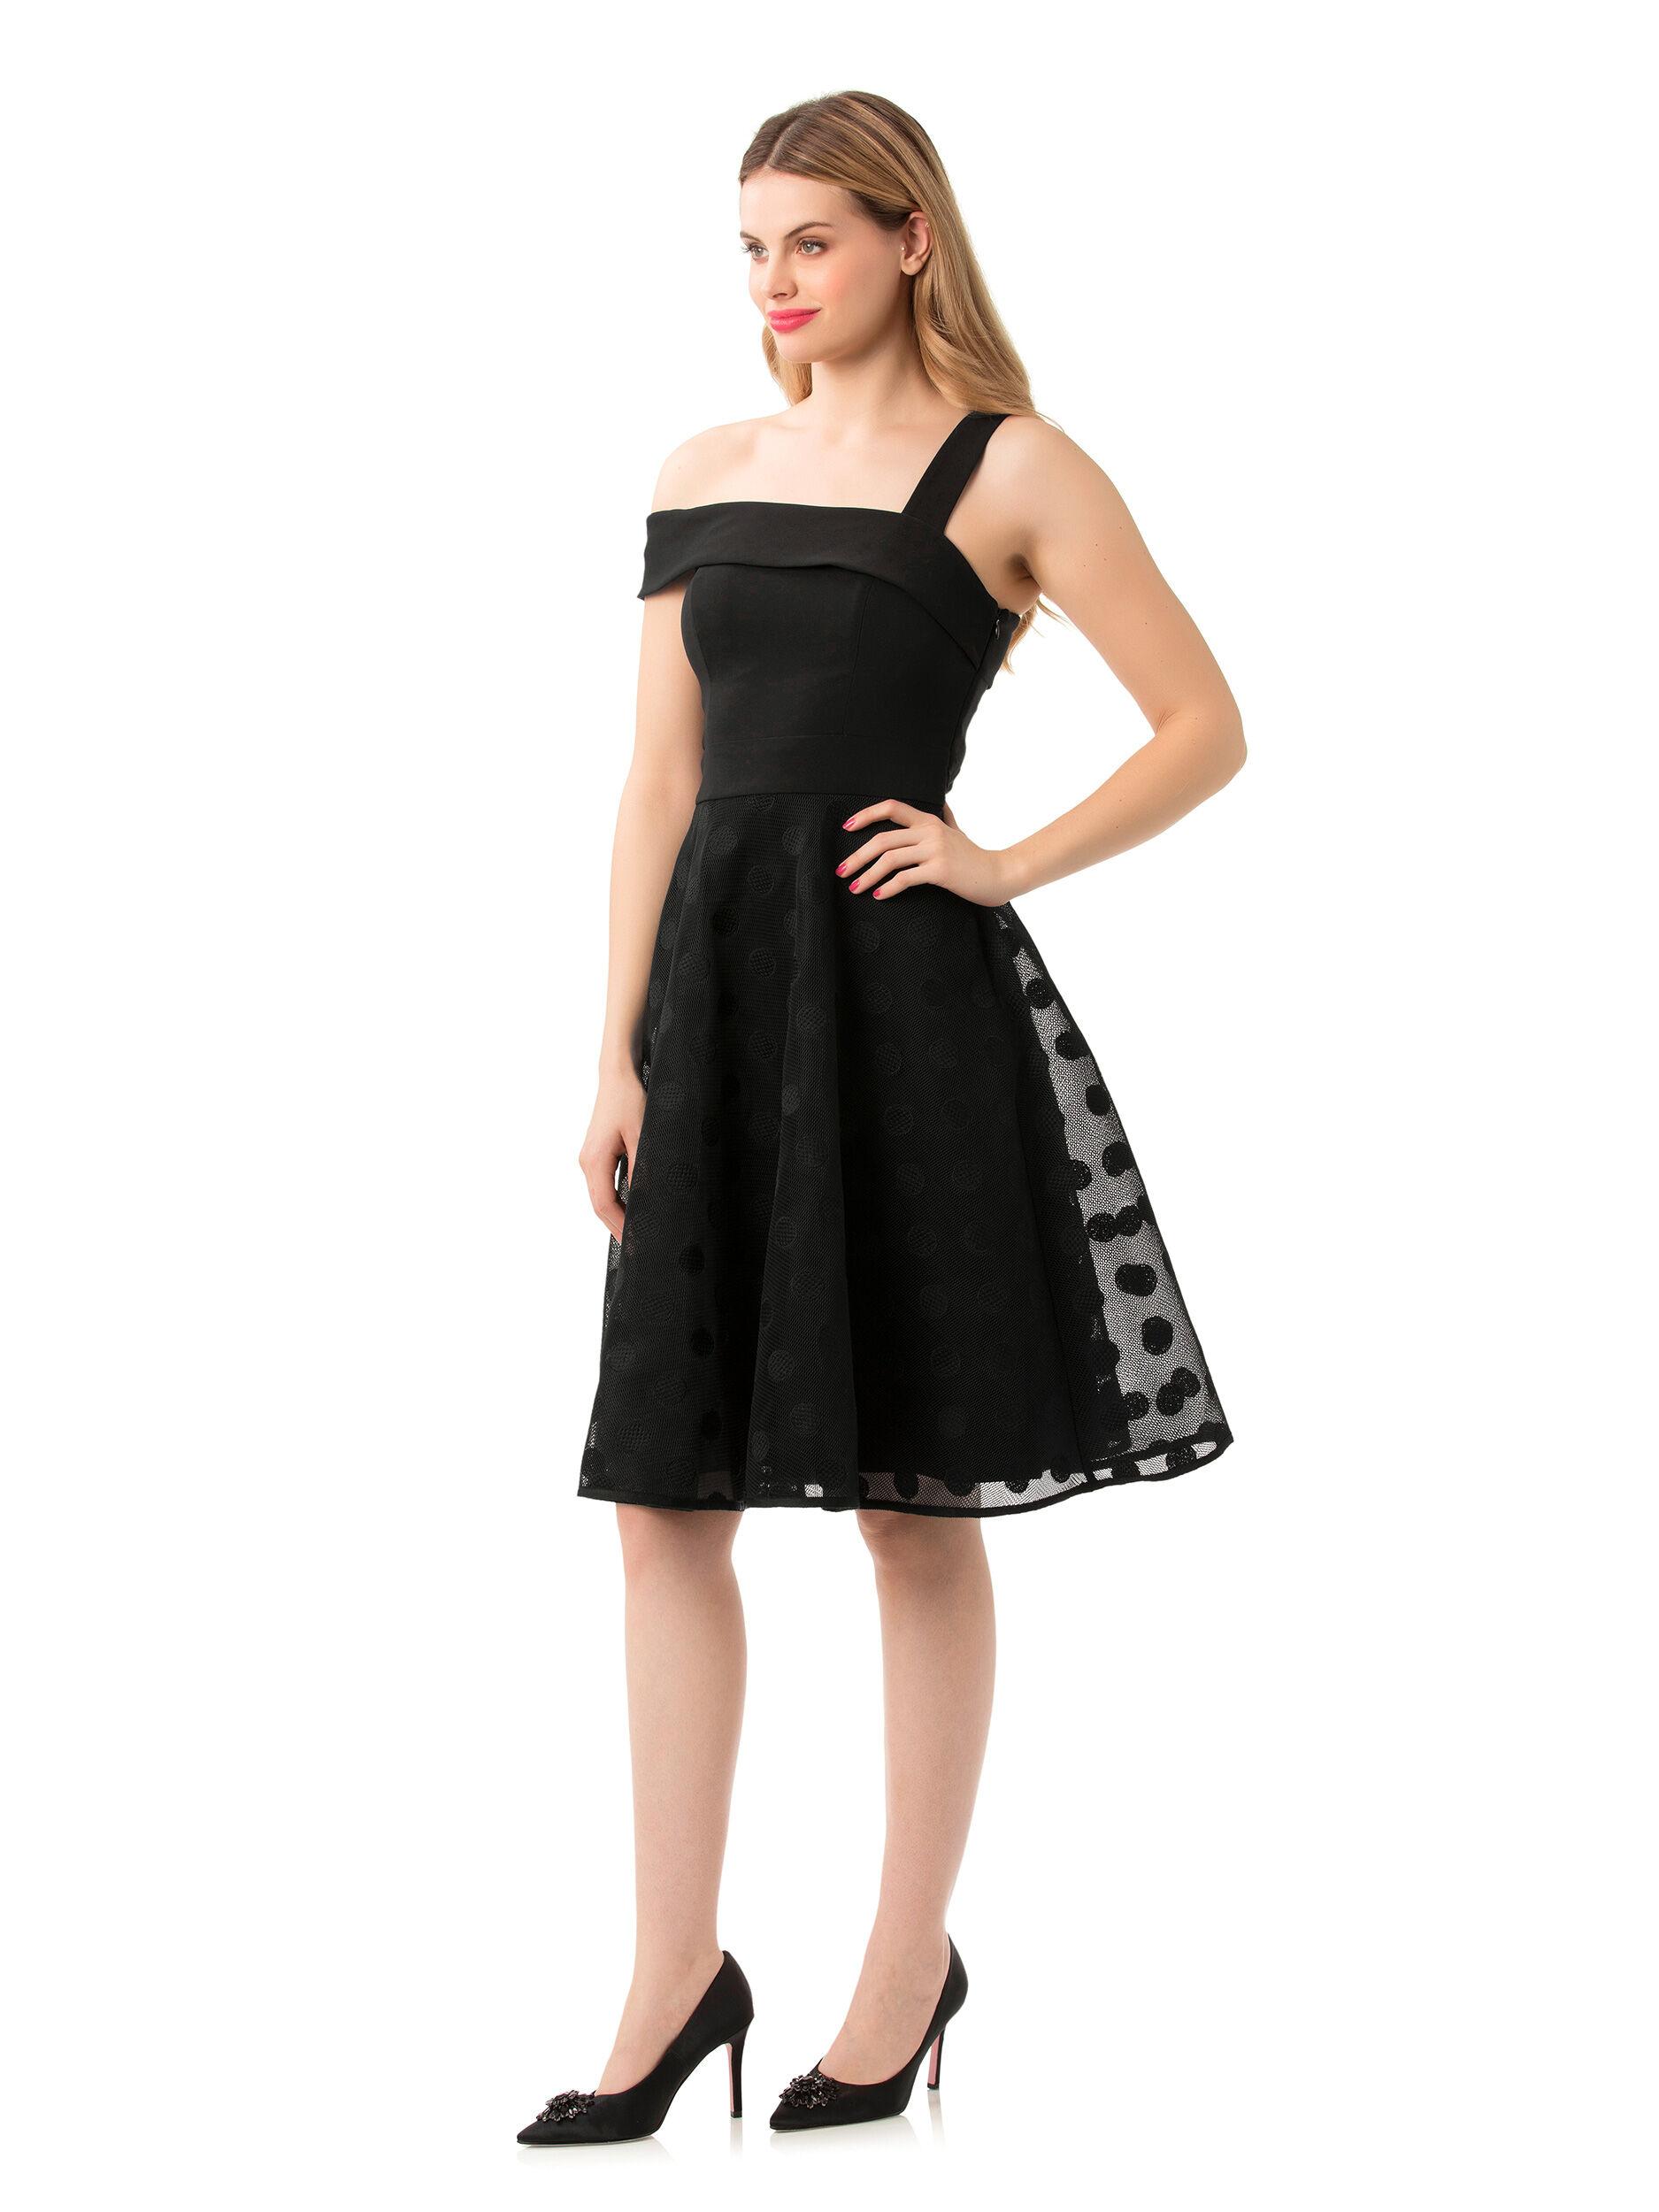 Majesty Dress